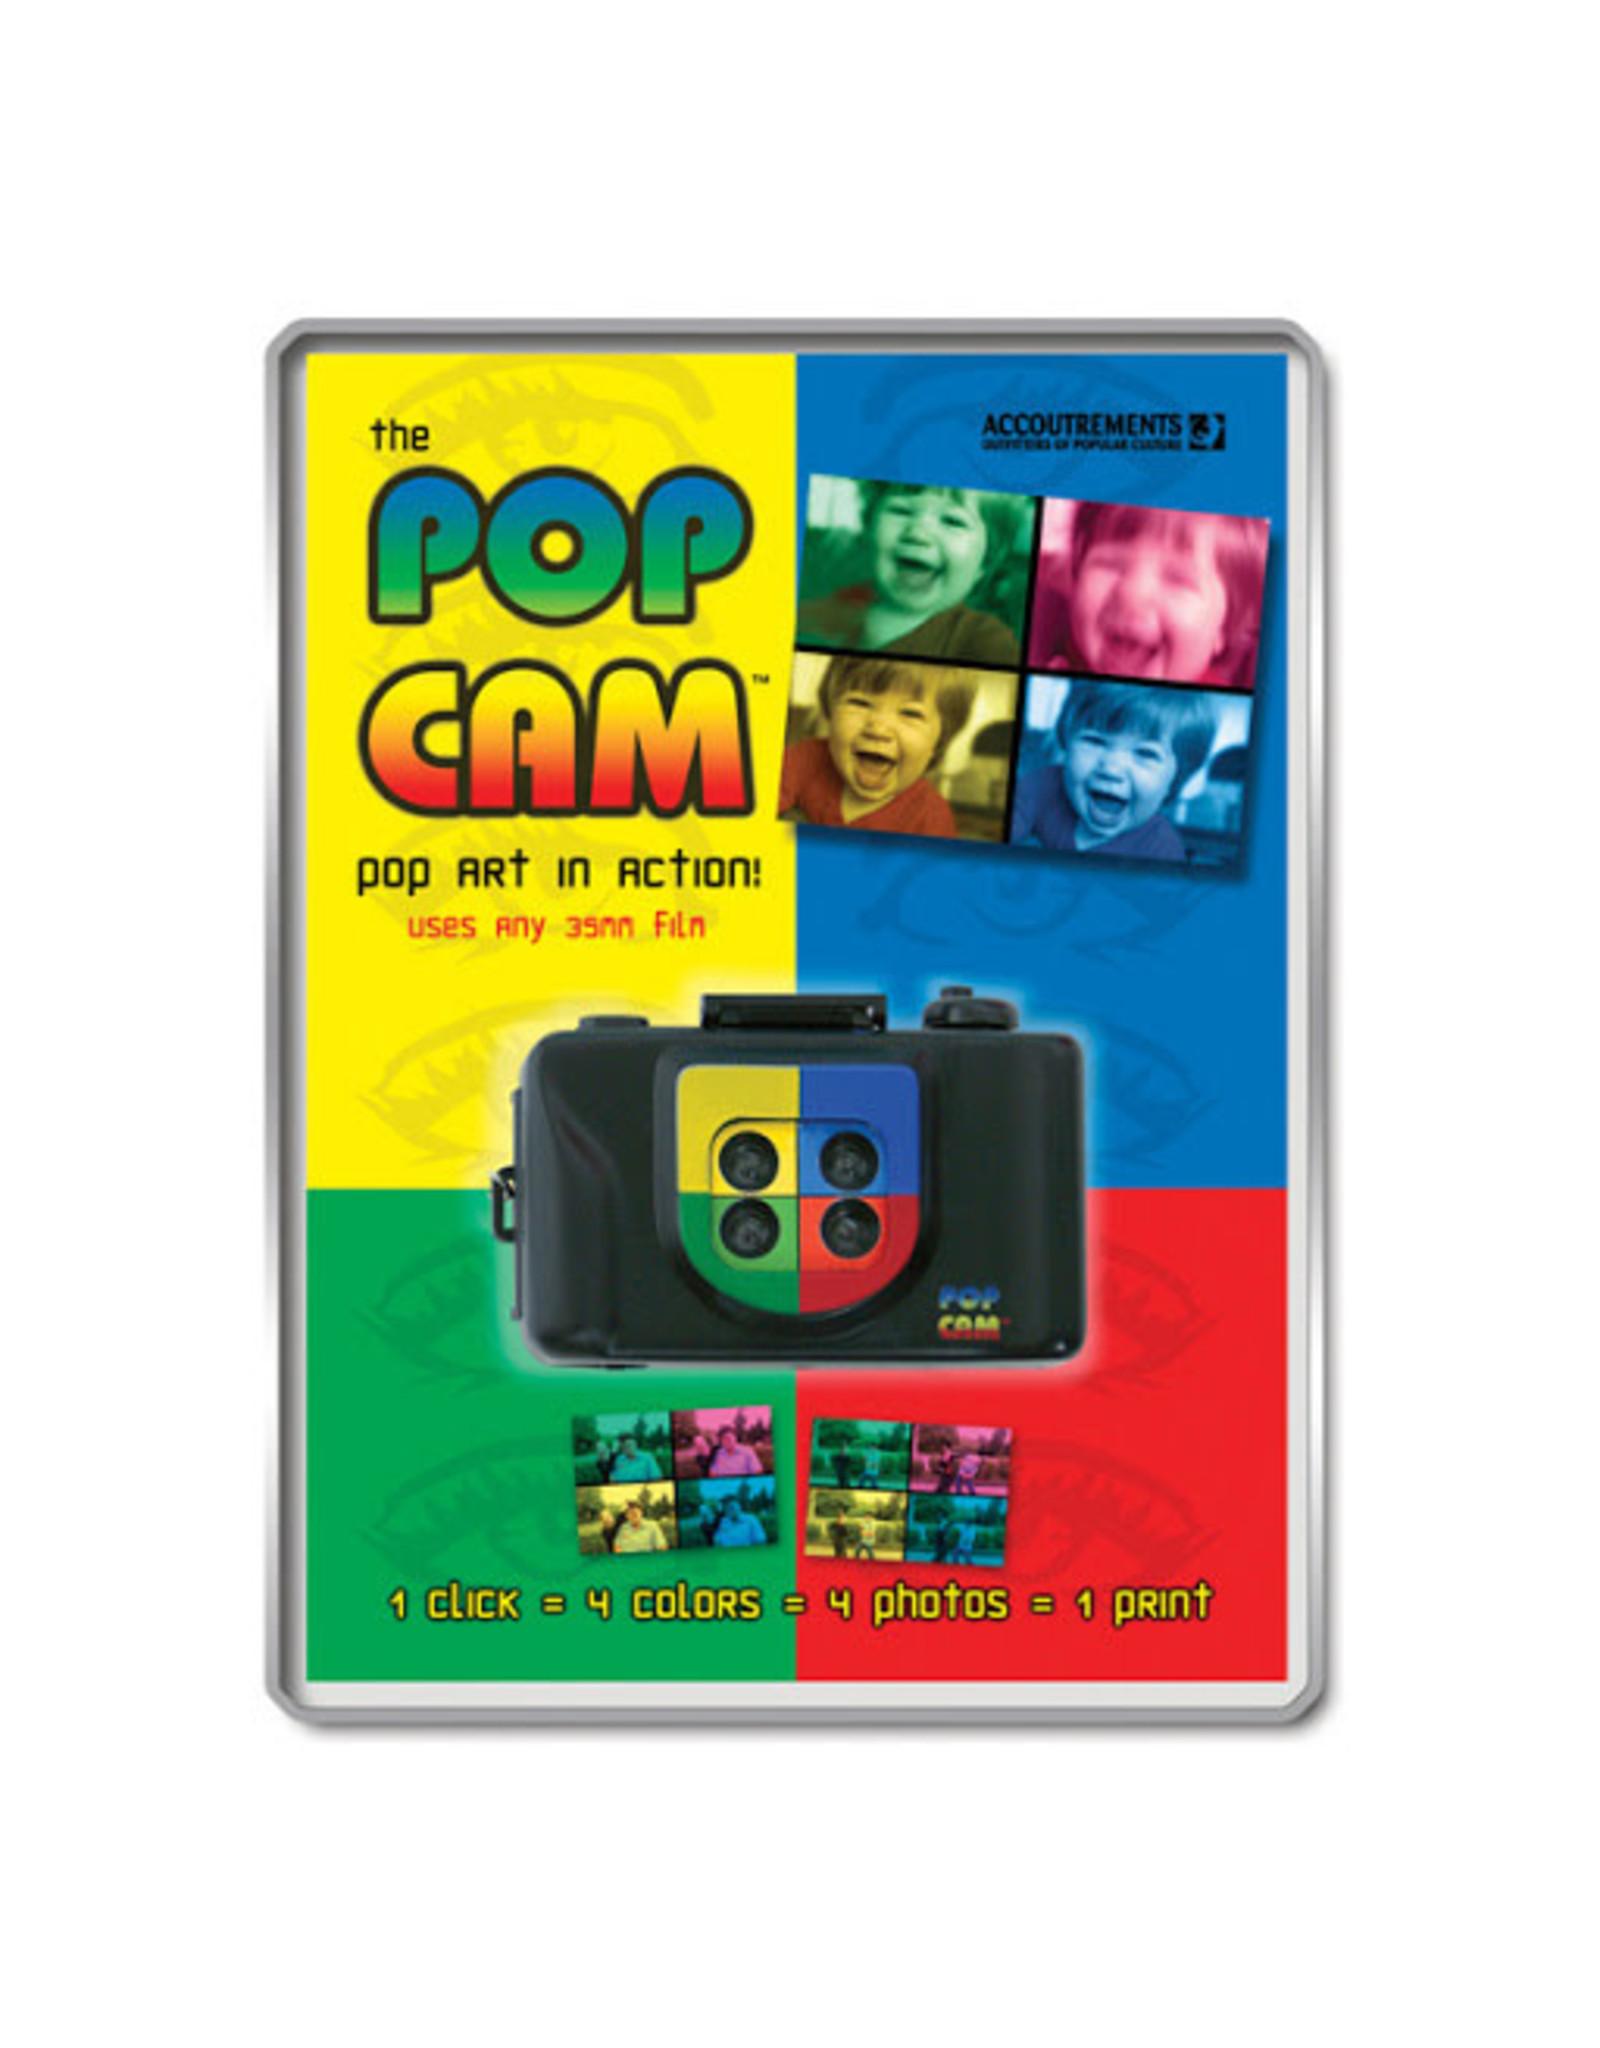 Pop Cam Camera